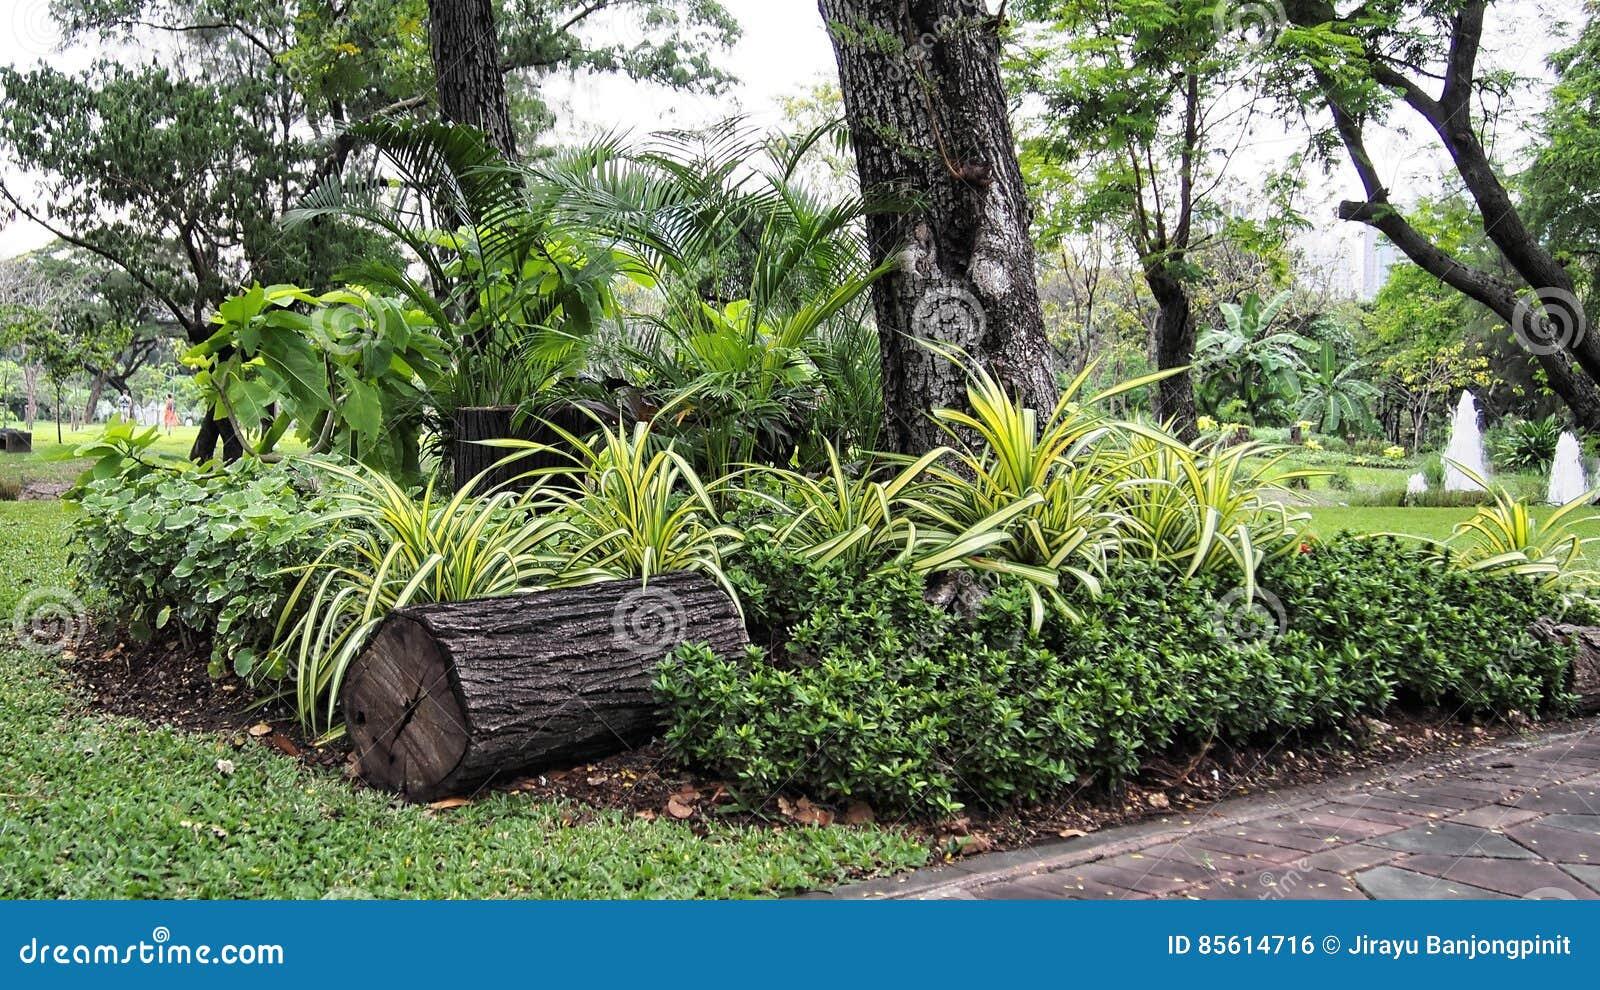 Park Als Tuin : Een klein park in tuin stock foto. afbeelding bestaande uit boom